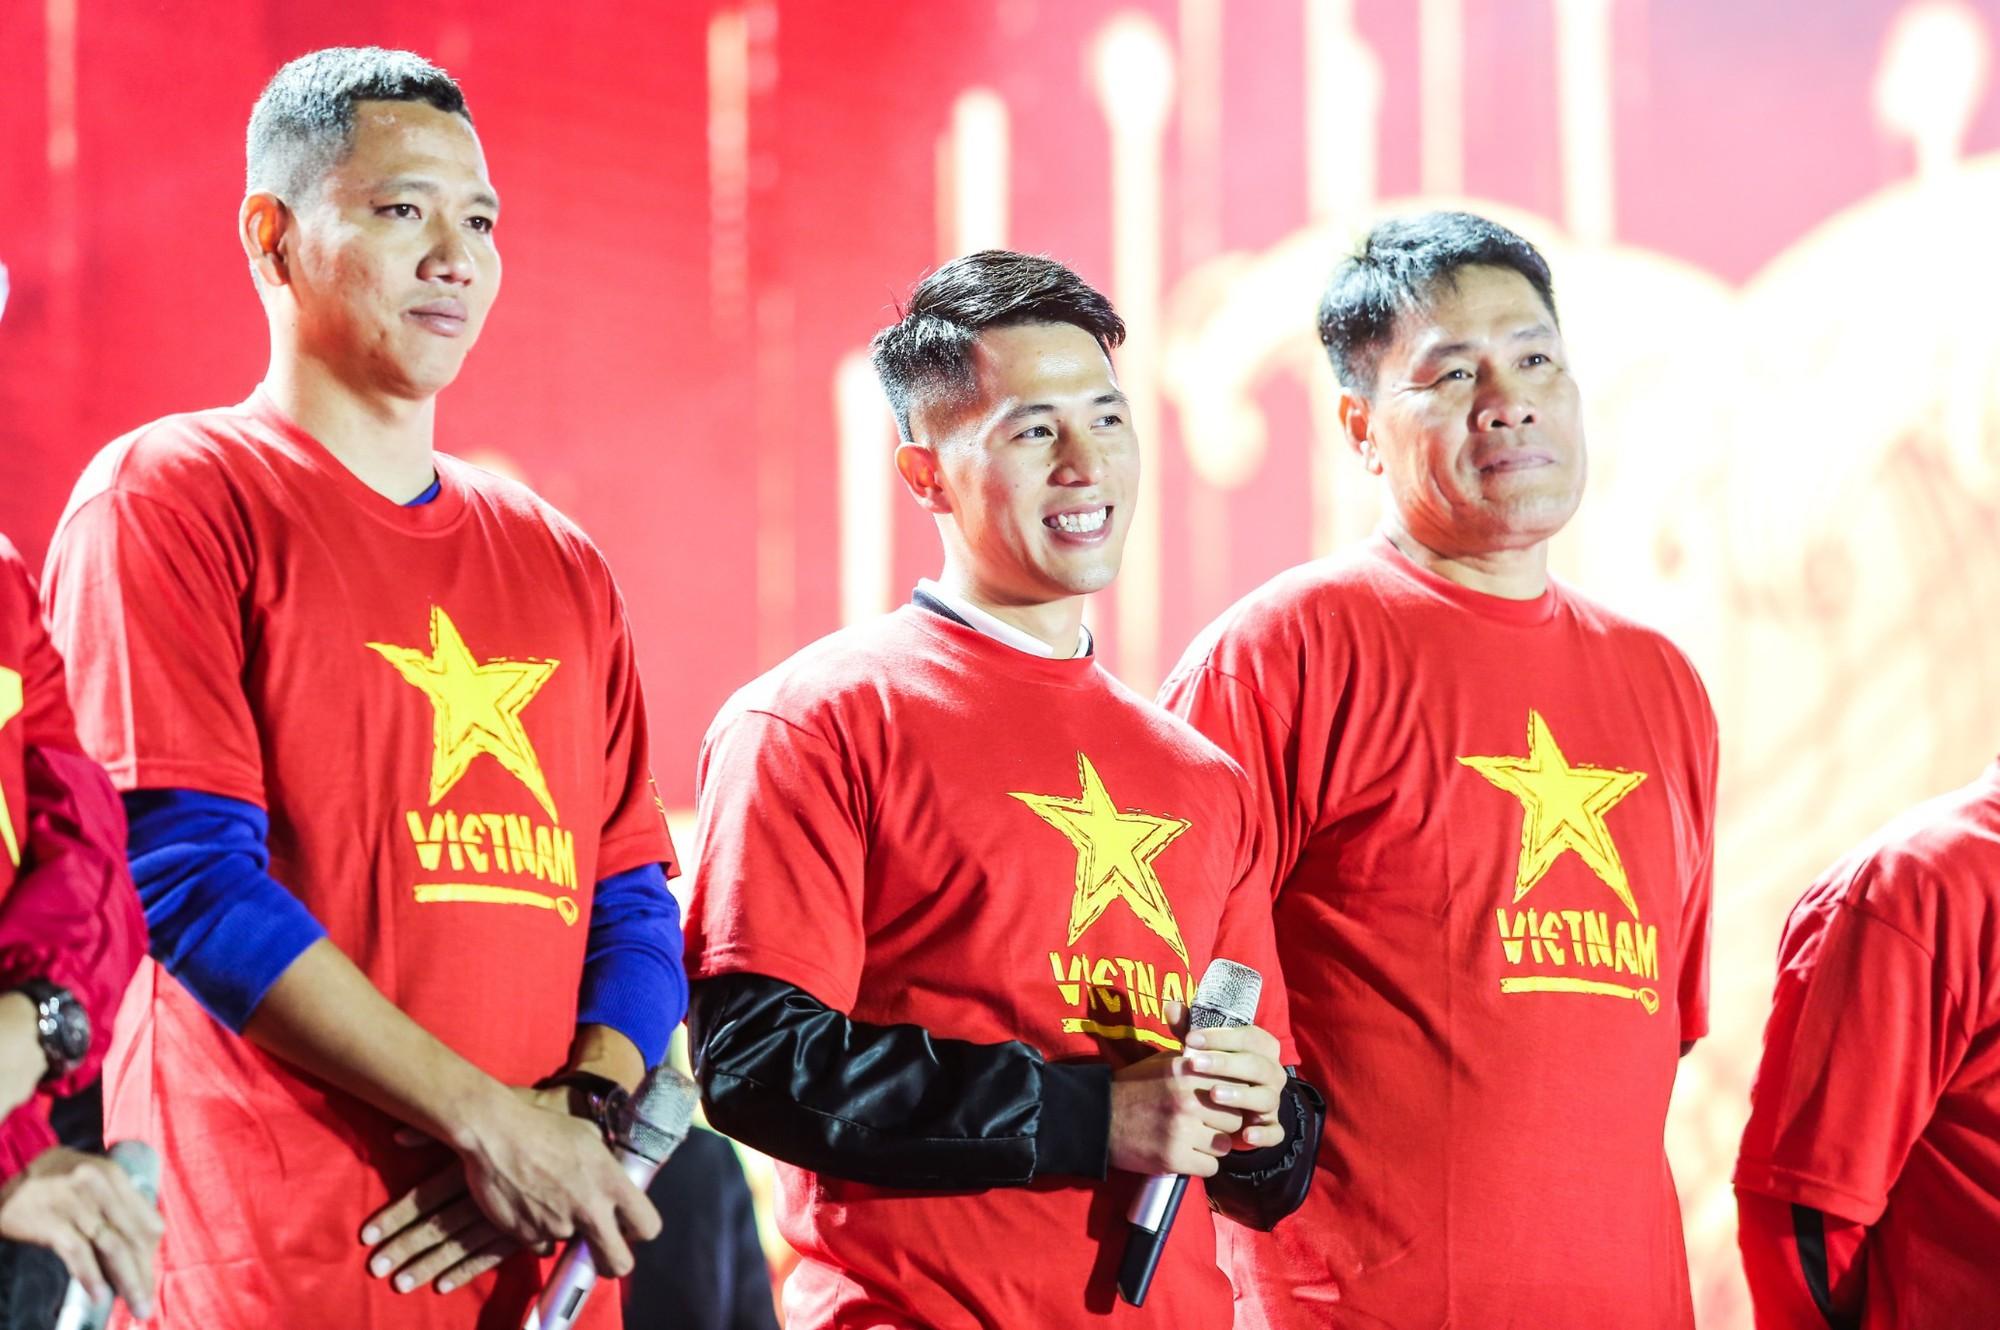 Sống trọn tình yêu bóng đá trong Đại nhạc hội Tự hào Việt Nam - Ảnh 5.